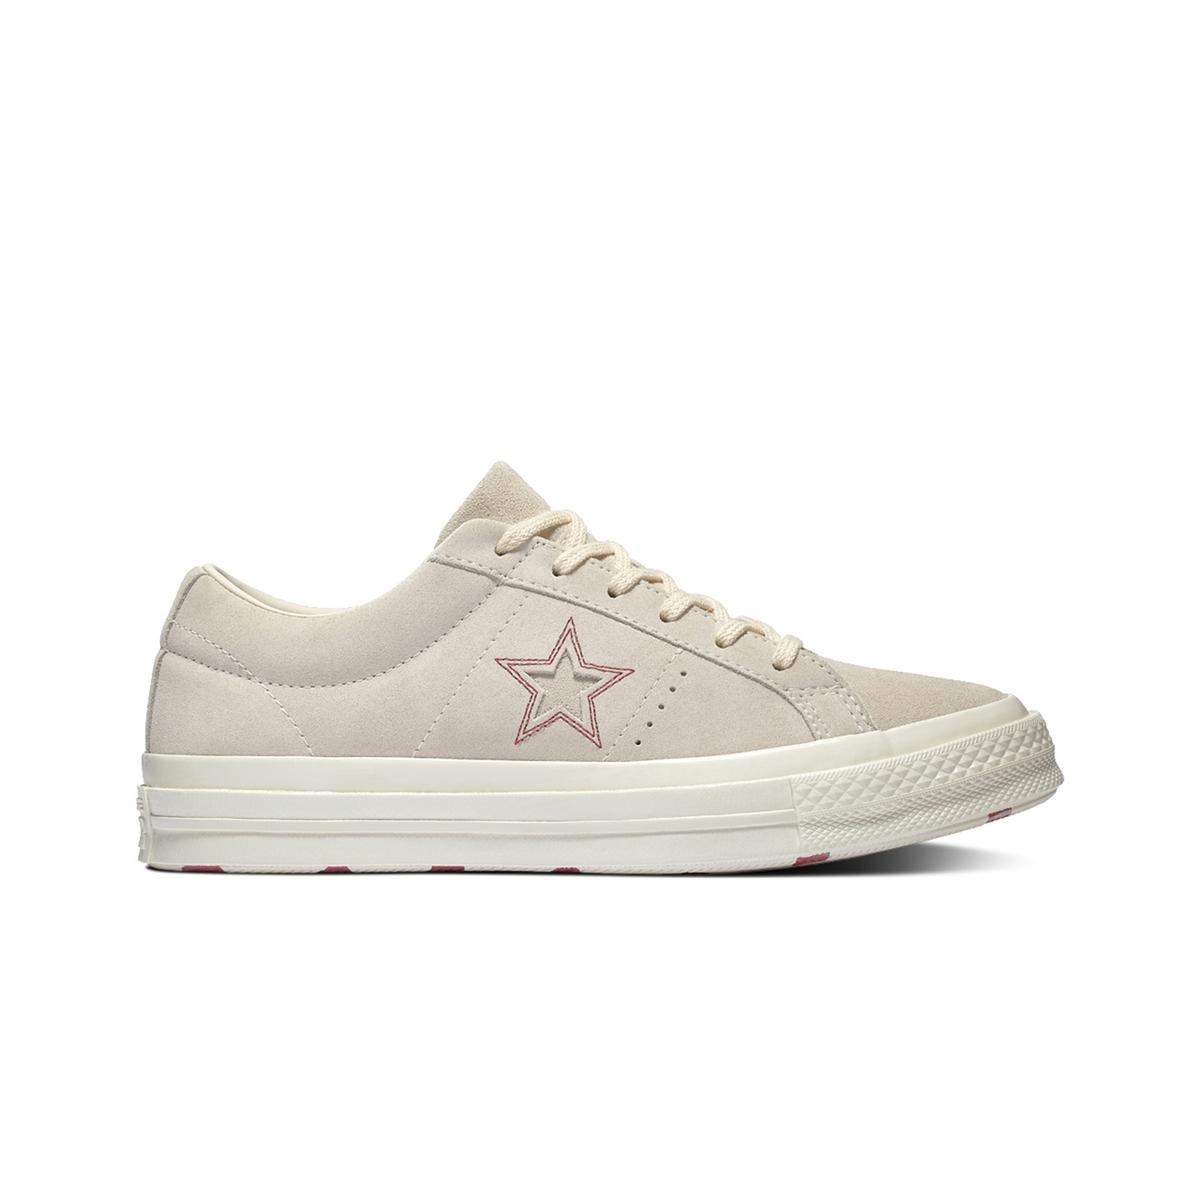 Zapatillas bajas de piel aterciopelada One Star